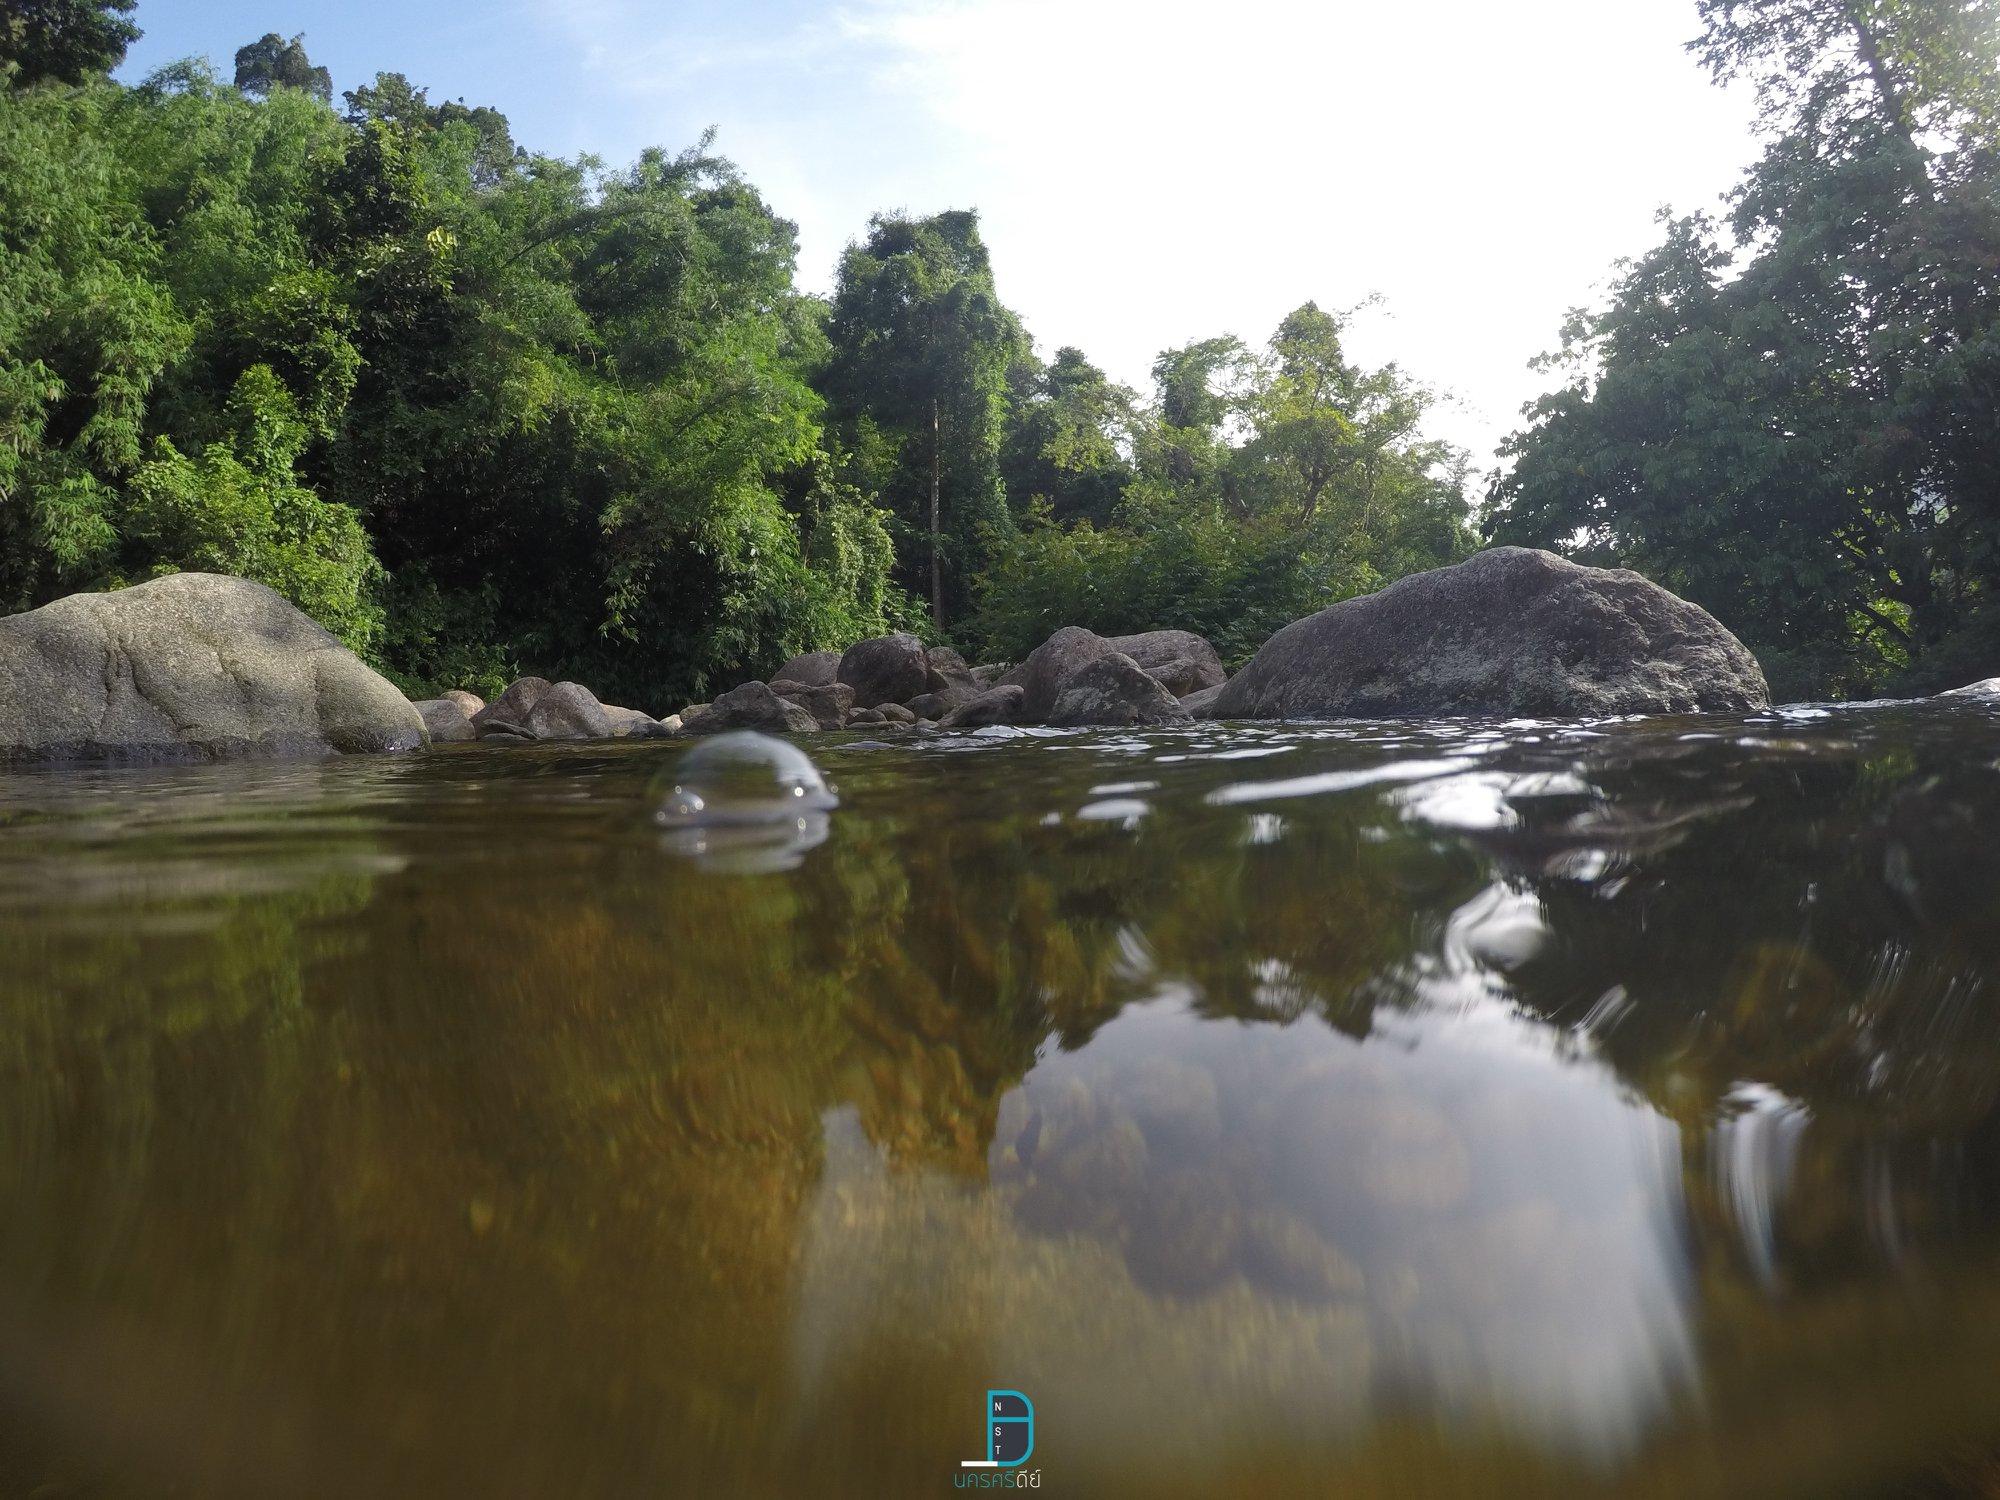 มีน้ำตกสวยๆ-แม่น้ำลำธารให้เล่นมากมาย พิกัด-:-น้ำตกท่าแพ-ช้างกลาง-?-ที่-น้ำตกท่าแพ-อ.ช้างกลาง-จ.นครศรีธรรมราช นครศรีธรรมราช,มีอะไรบ้าง,สถานที่ท่องเที่ยว,ร้านอร่อย,ของกิน